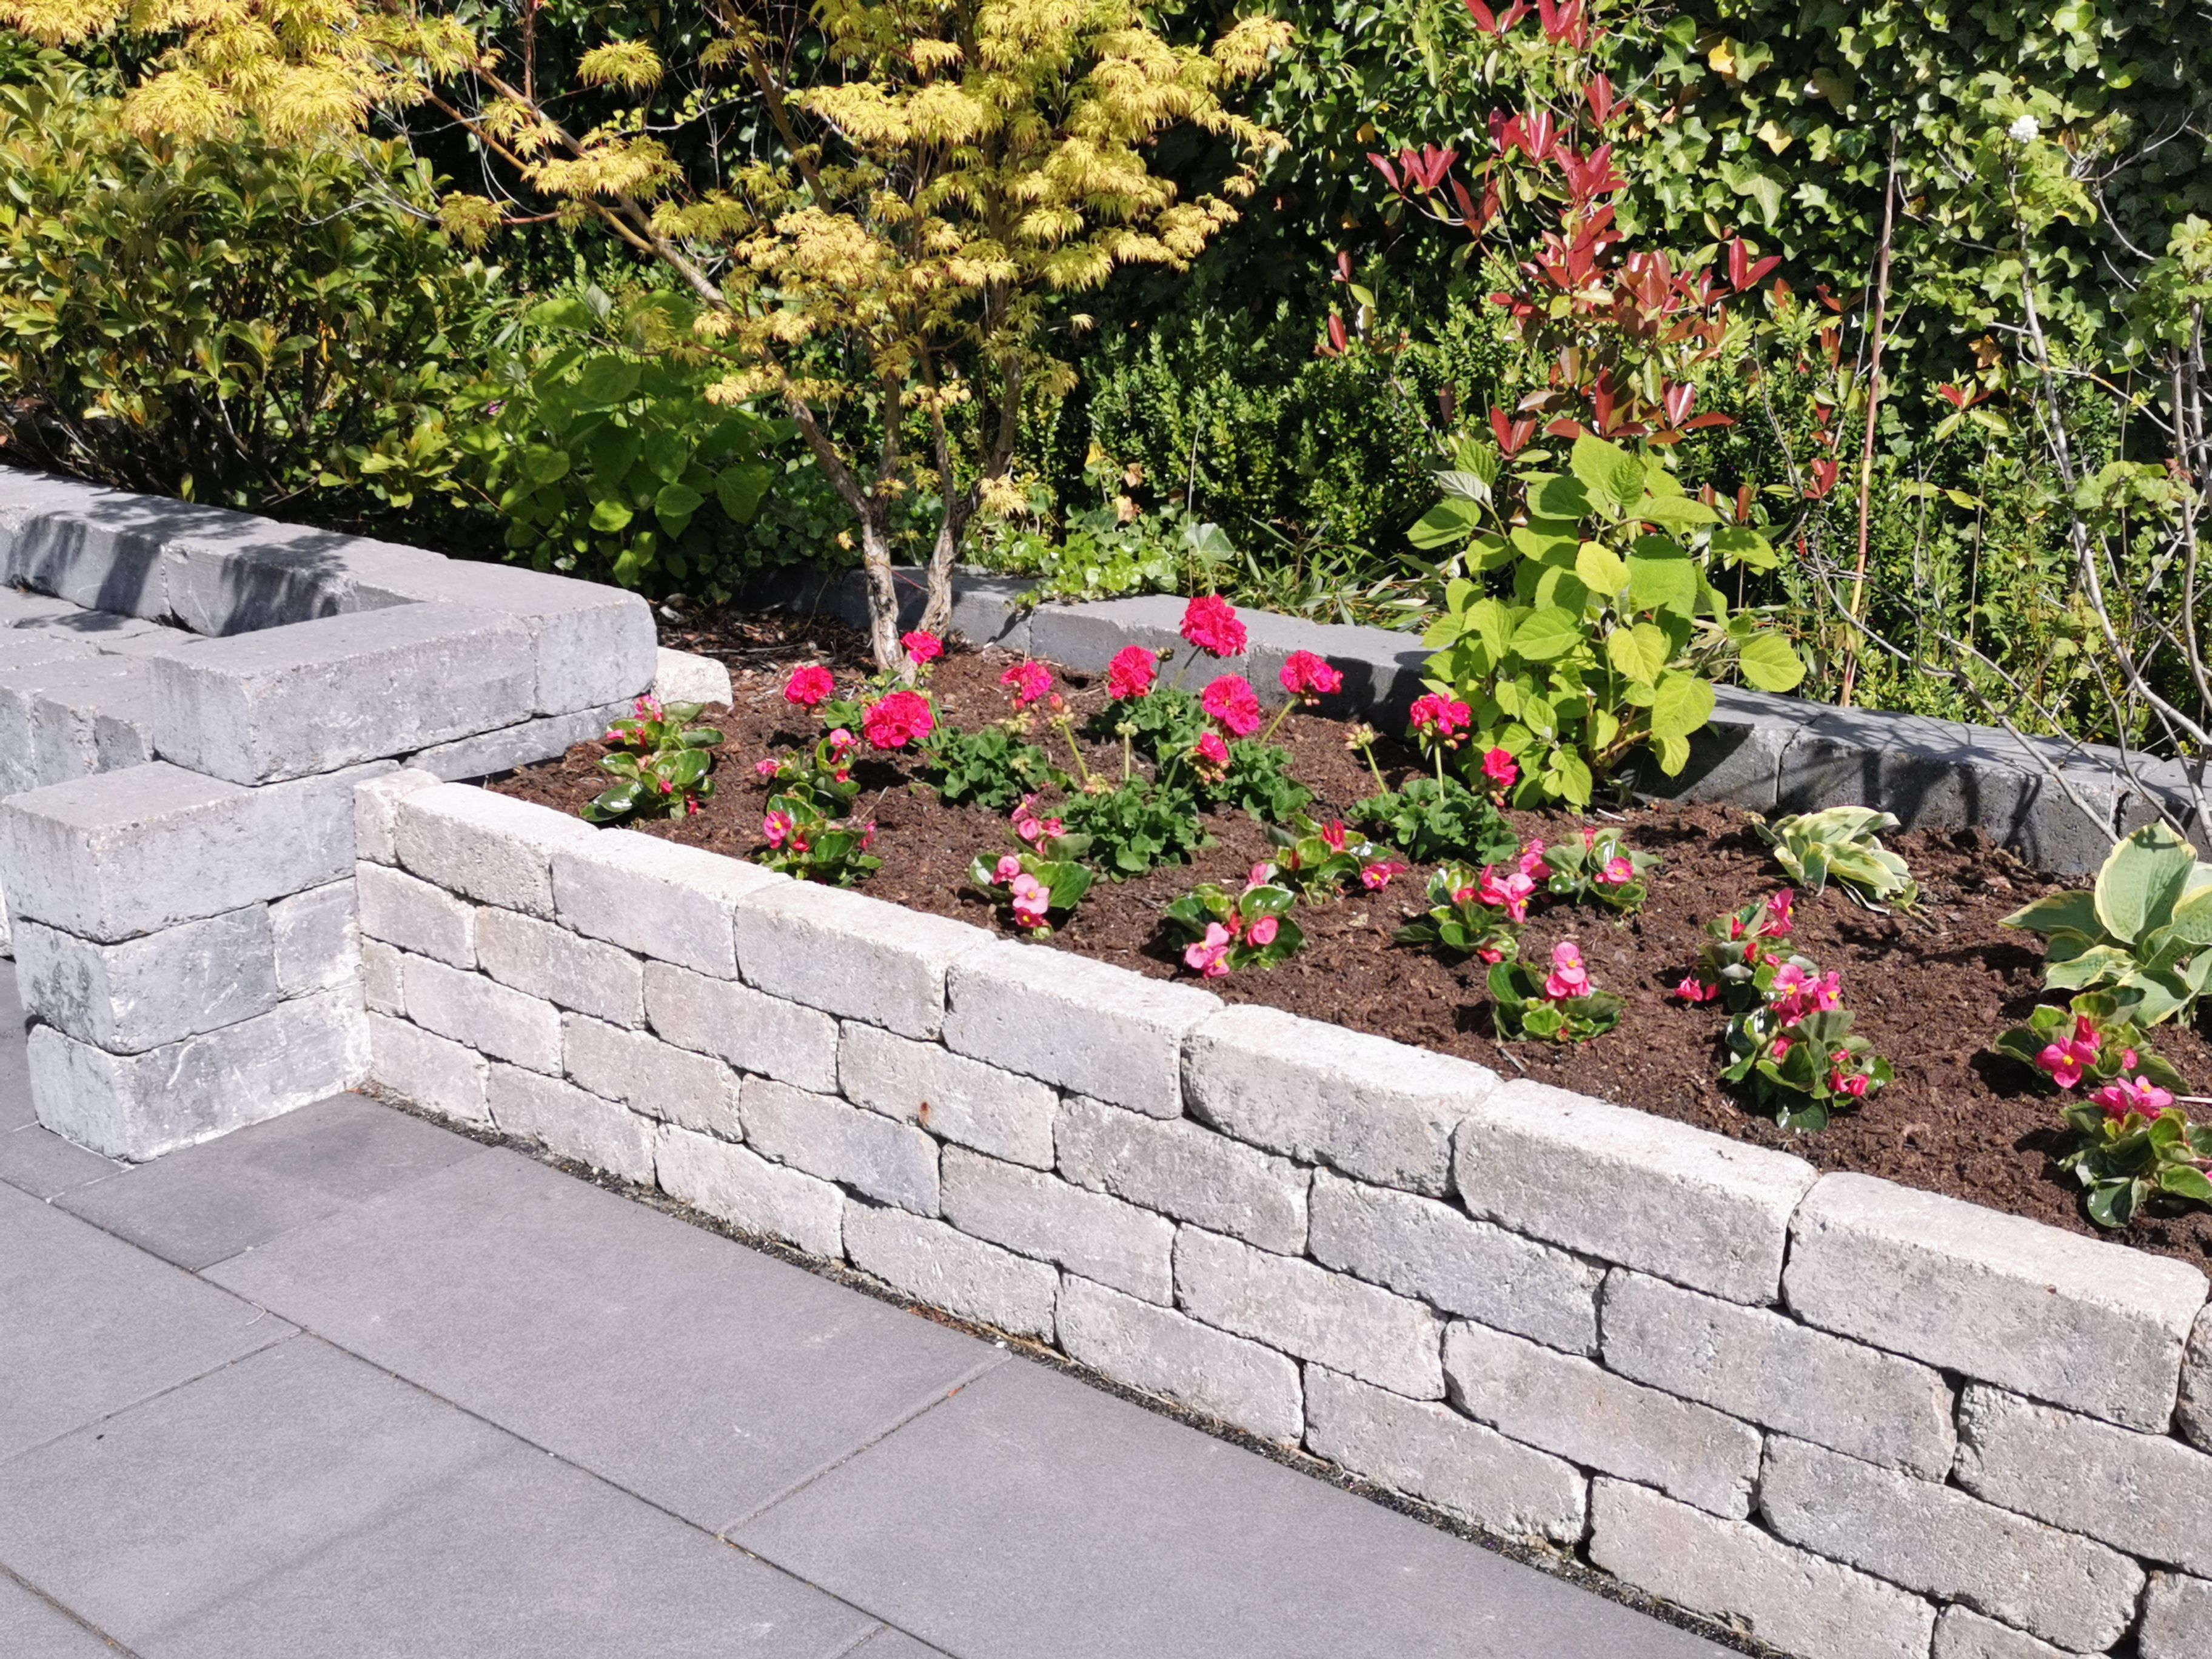 Antik Pico Mauer Von Diephaus Garten Landschaftsbau Garten Hochbeet Garten Design